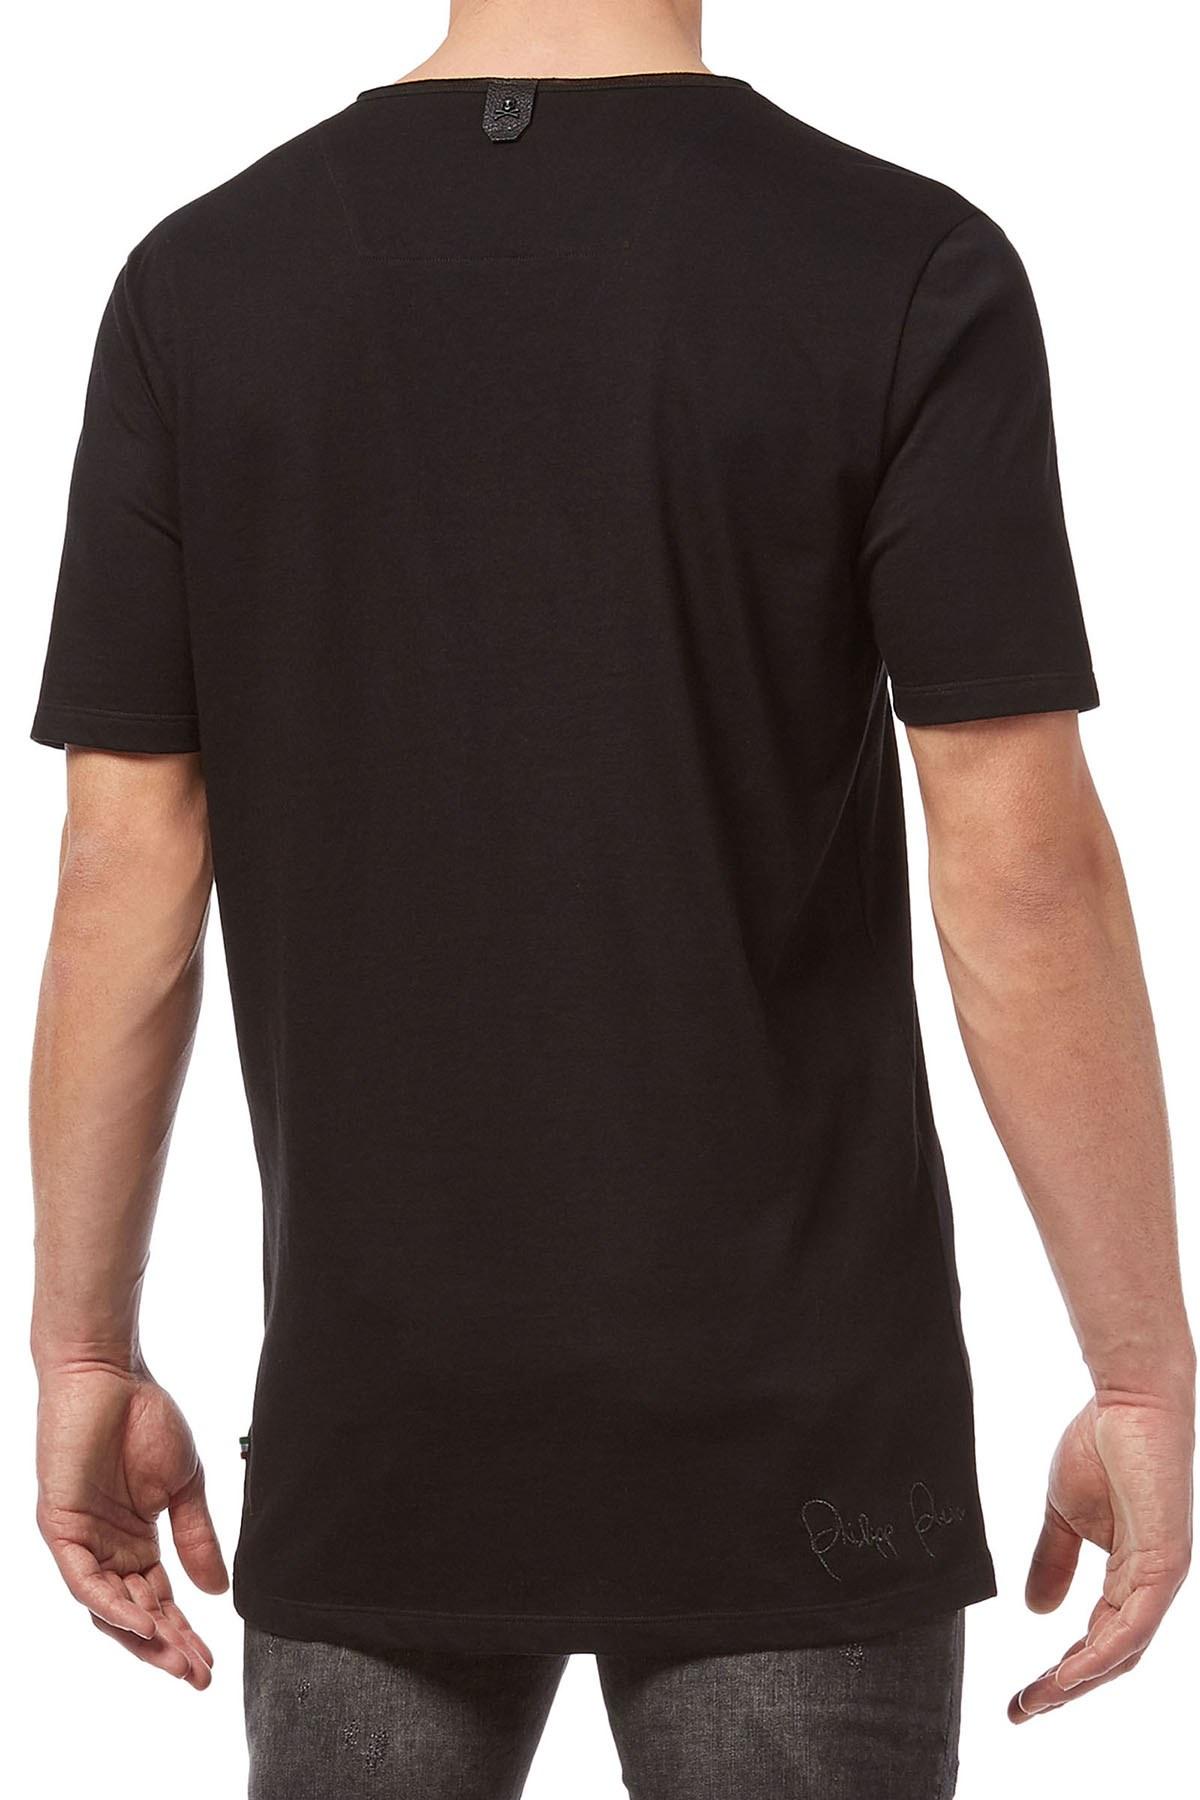 PHILIPP PLEIN T SHIRT Erkek T Shirt F18C MTK2397 PJY002N 02 SİYAH